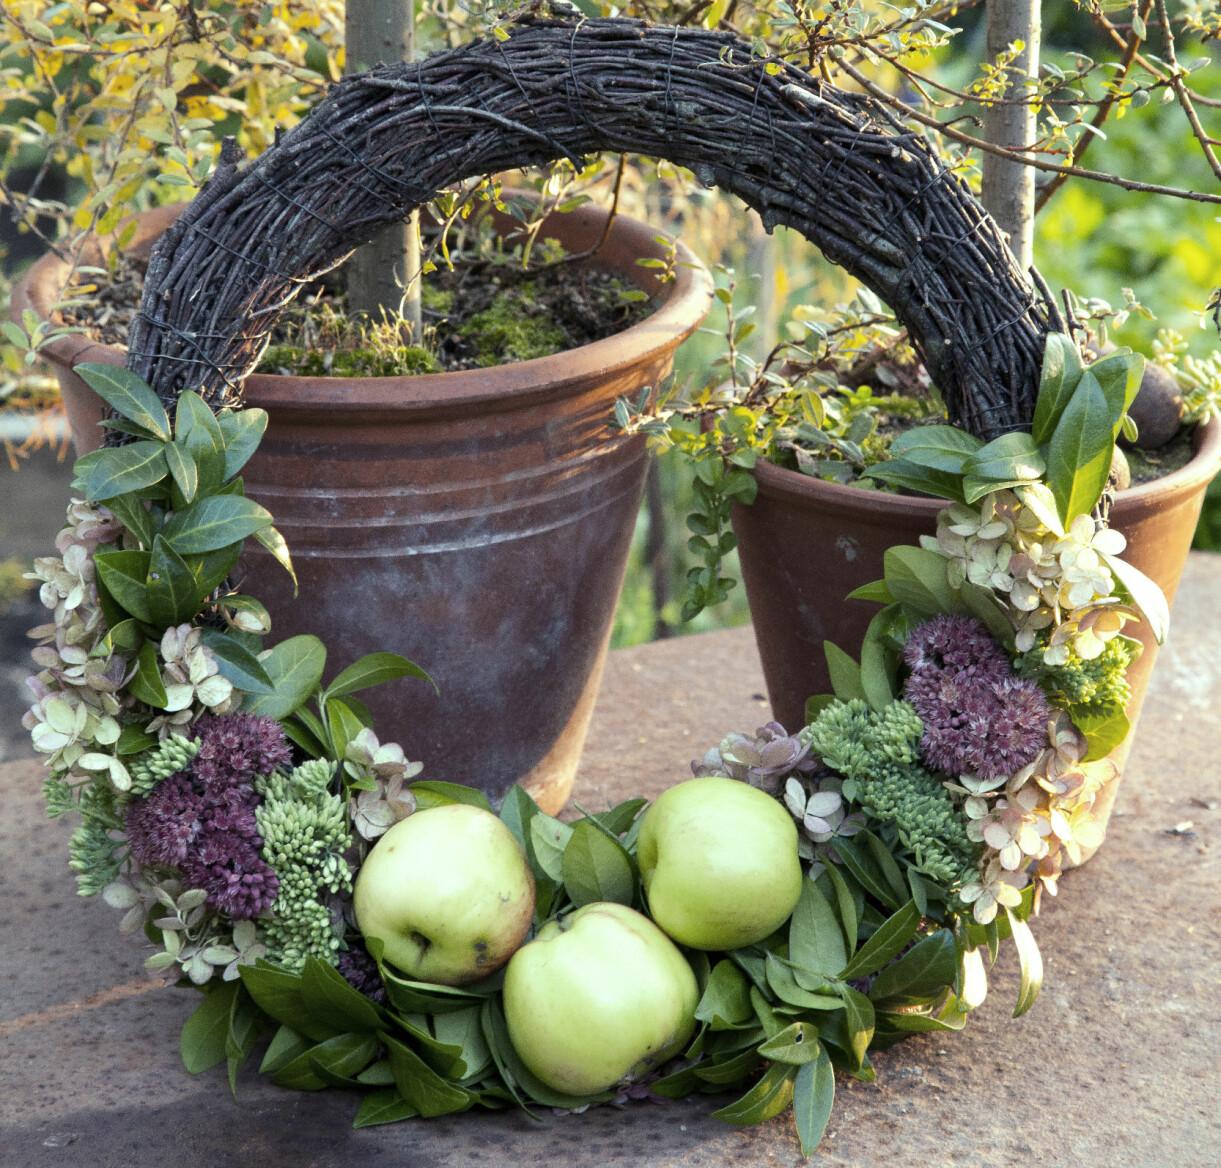 Höstkrans med vintergröna, hortensia, kärleksört och små äpplen.